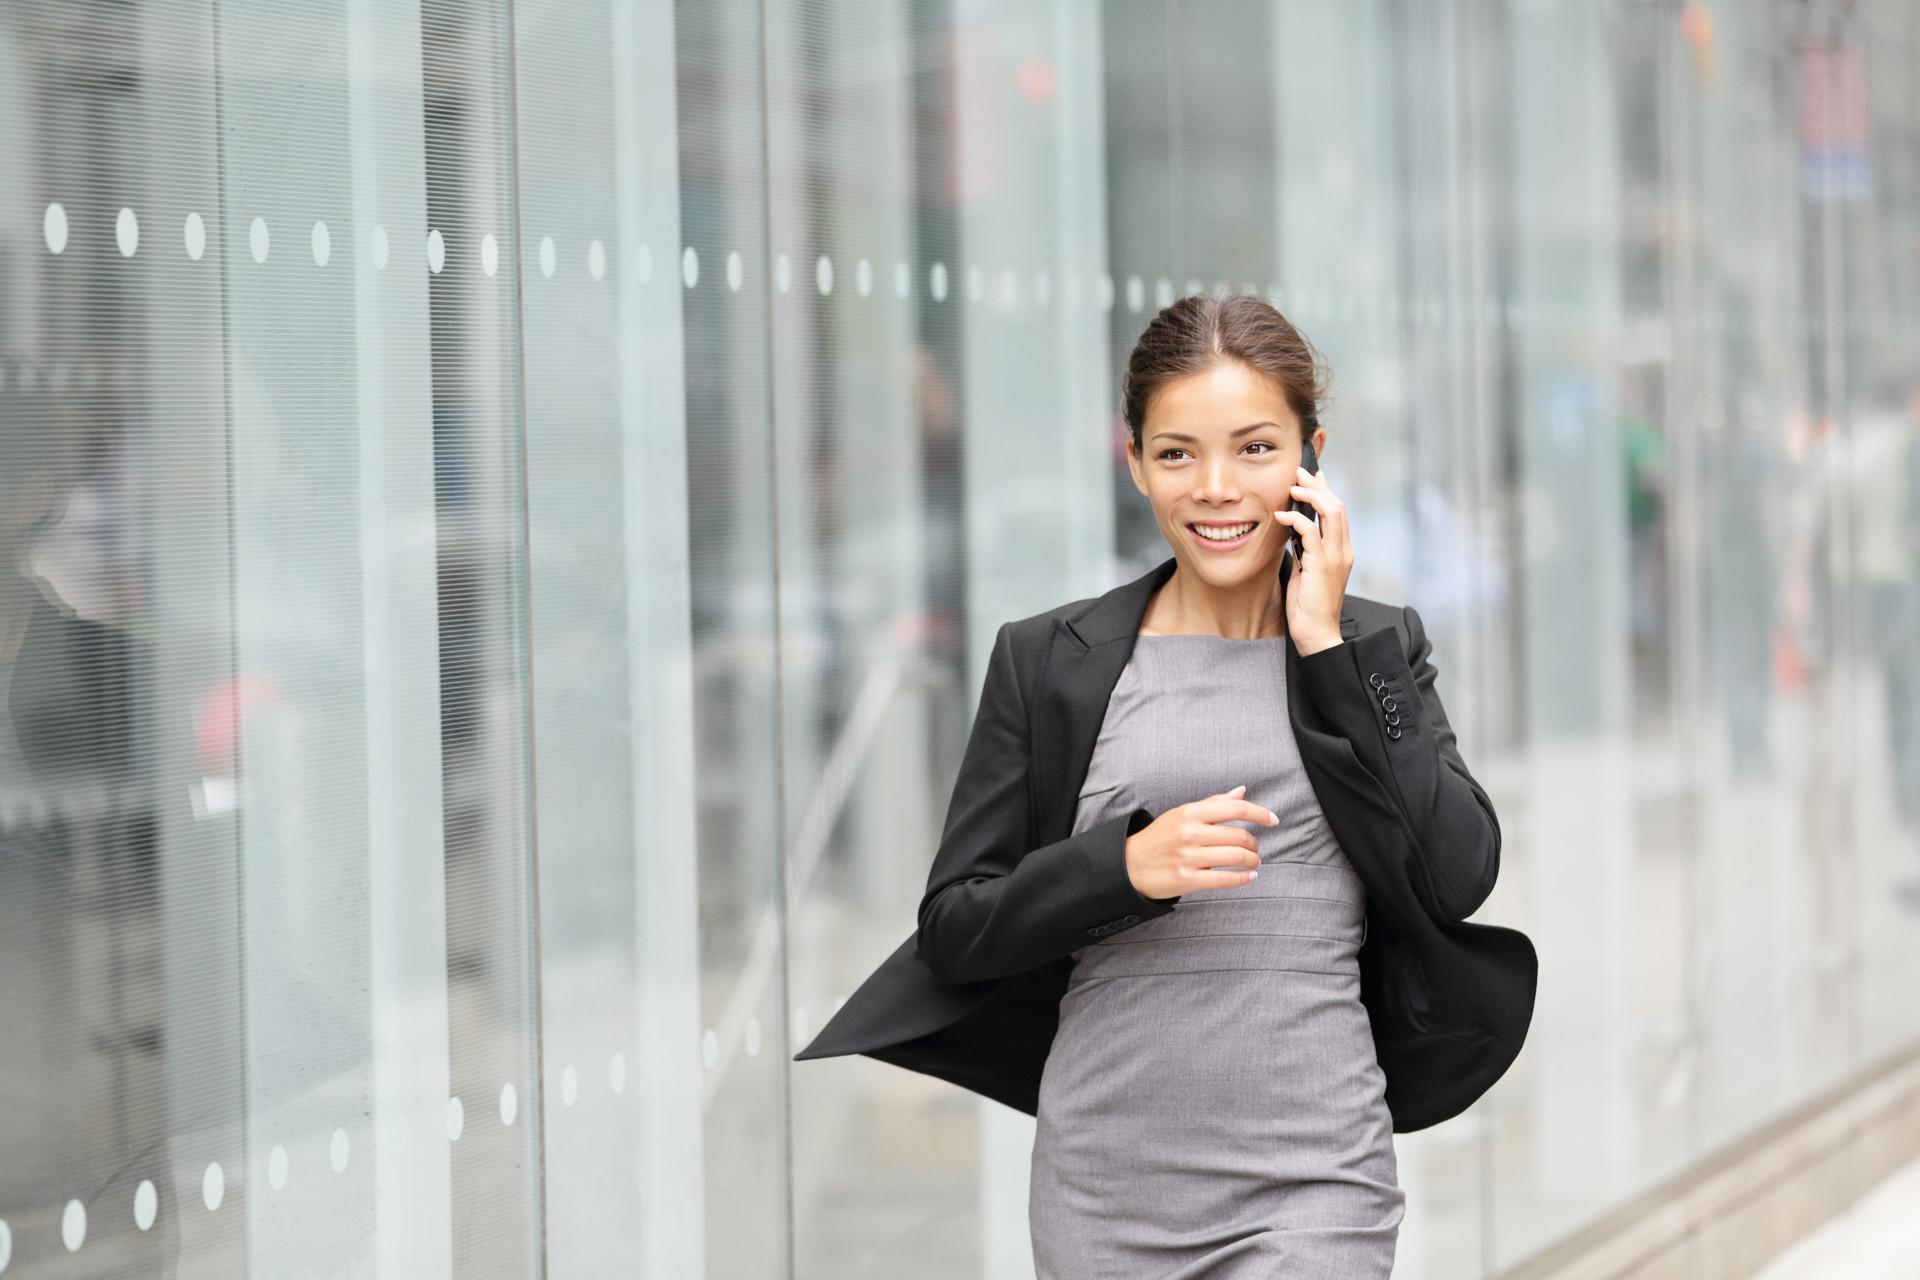 別把問題想簡單了,職場女性也在乎薪水、一樣有自信